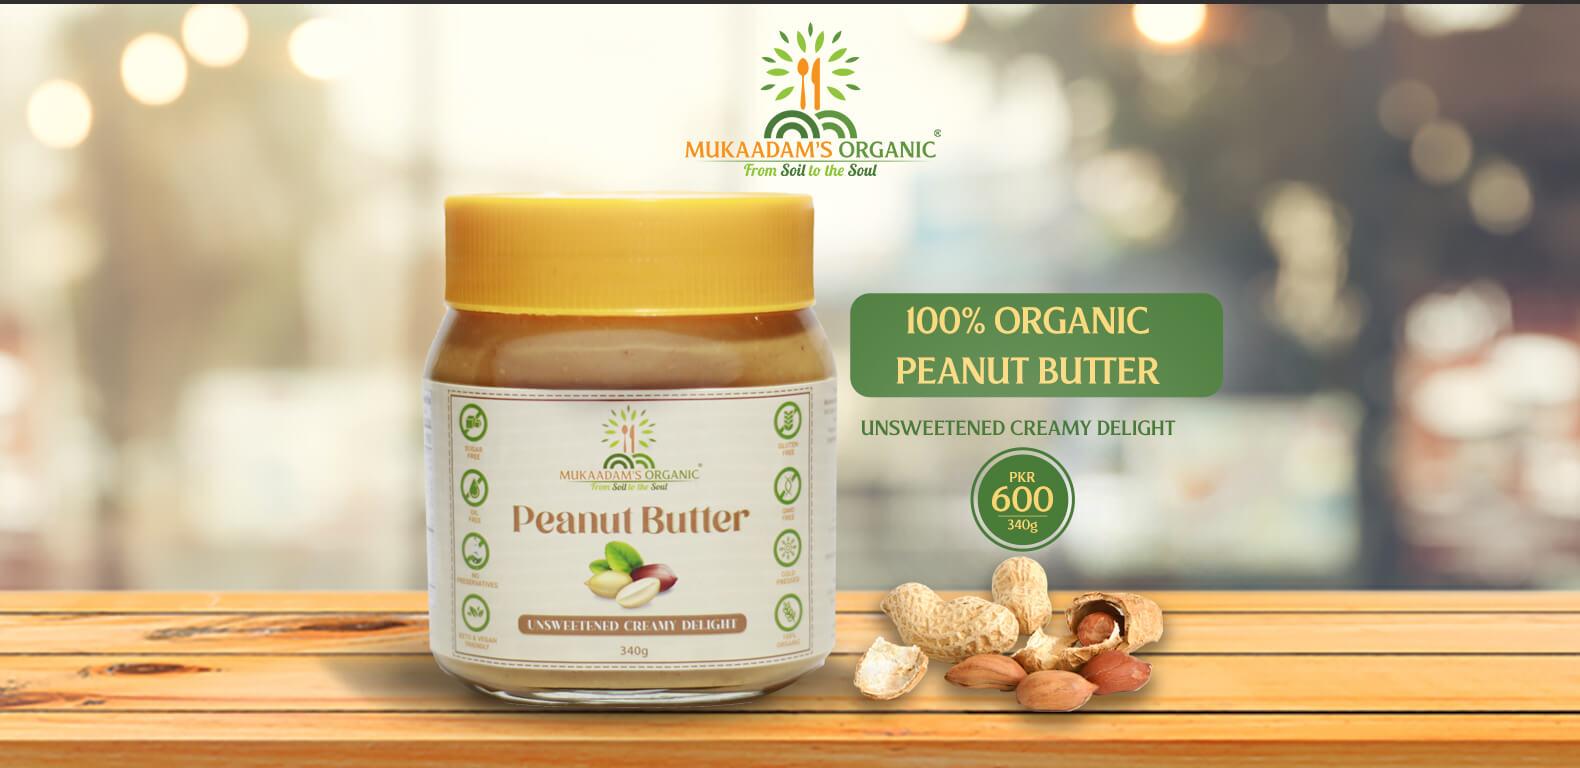 Packaging-design-peanut-butter